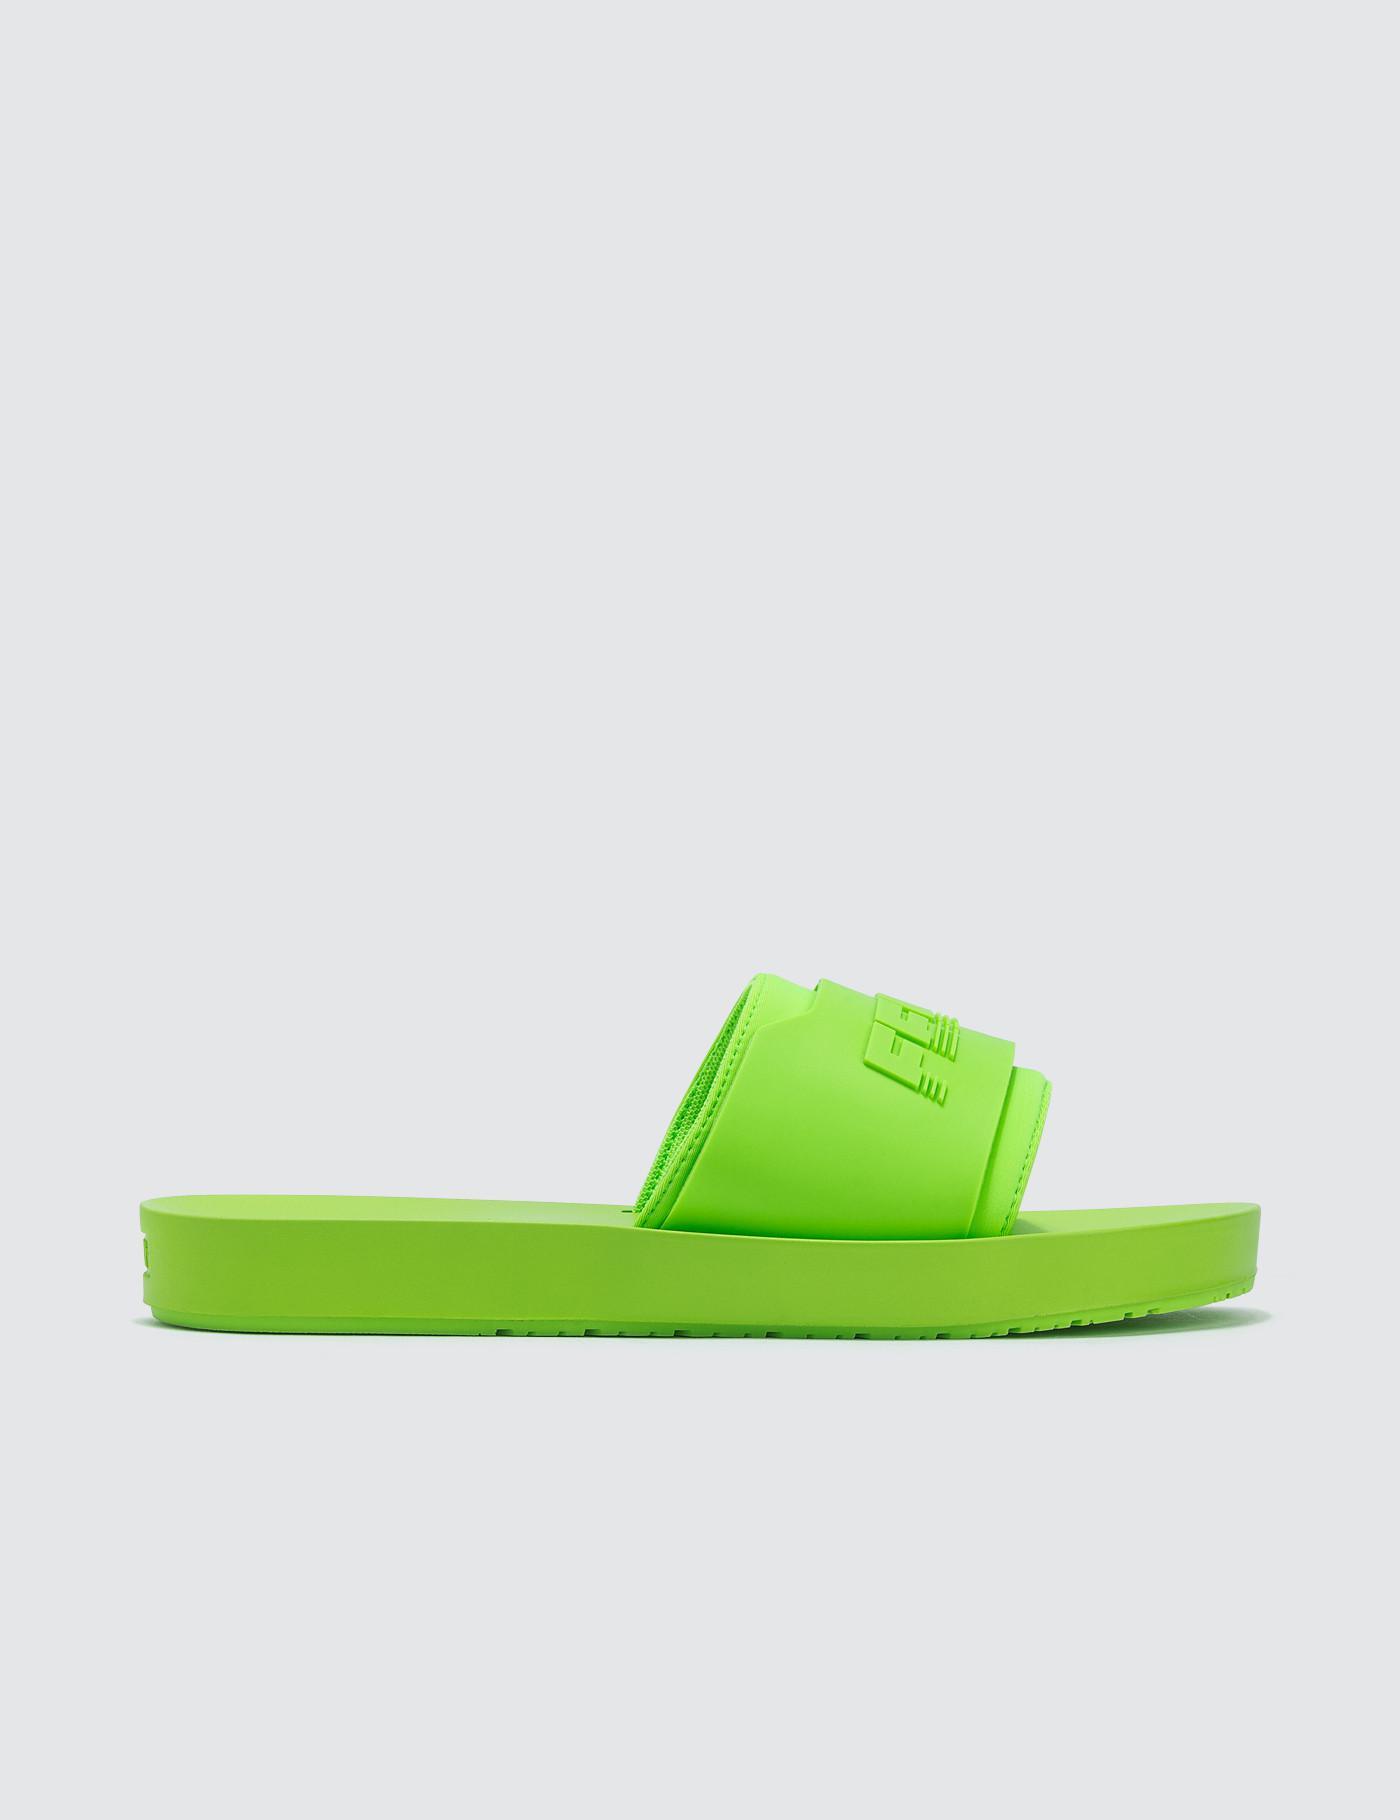 a06615c99244da Lyst - PUMA Fenty X Puma Surf Slide Green Gecko in Green - Save 64%